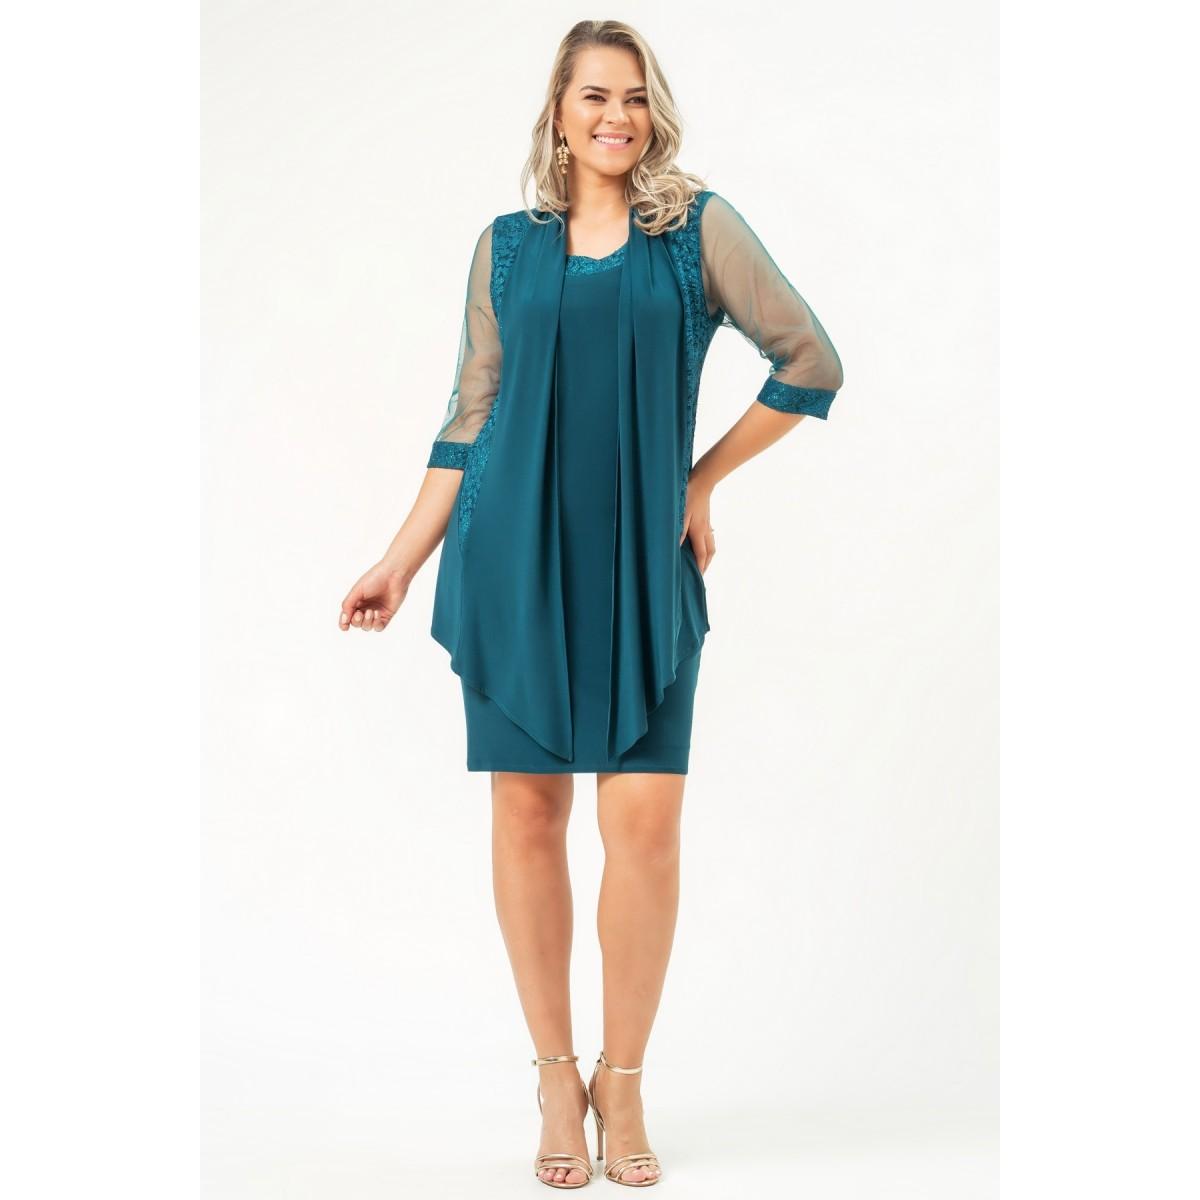 Vestido Melanie - PETROLEO